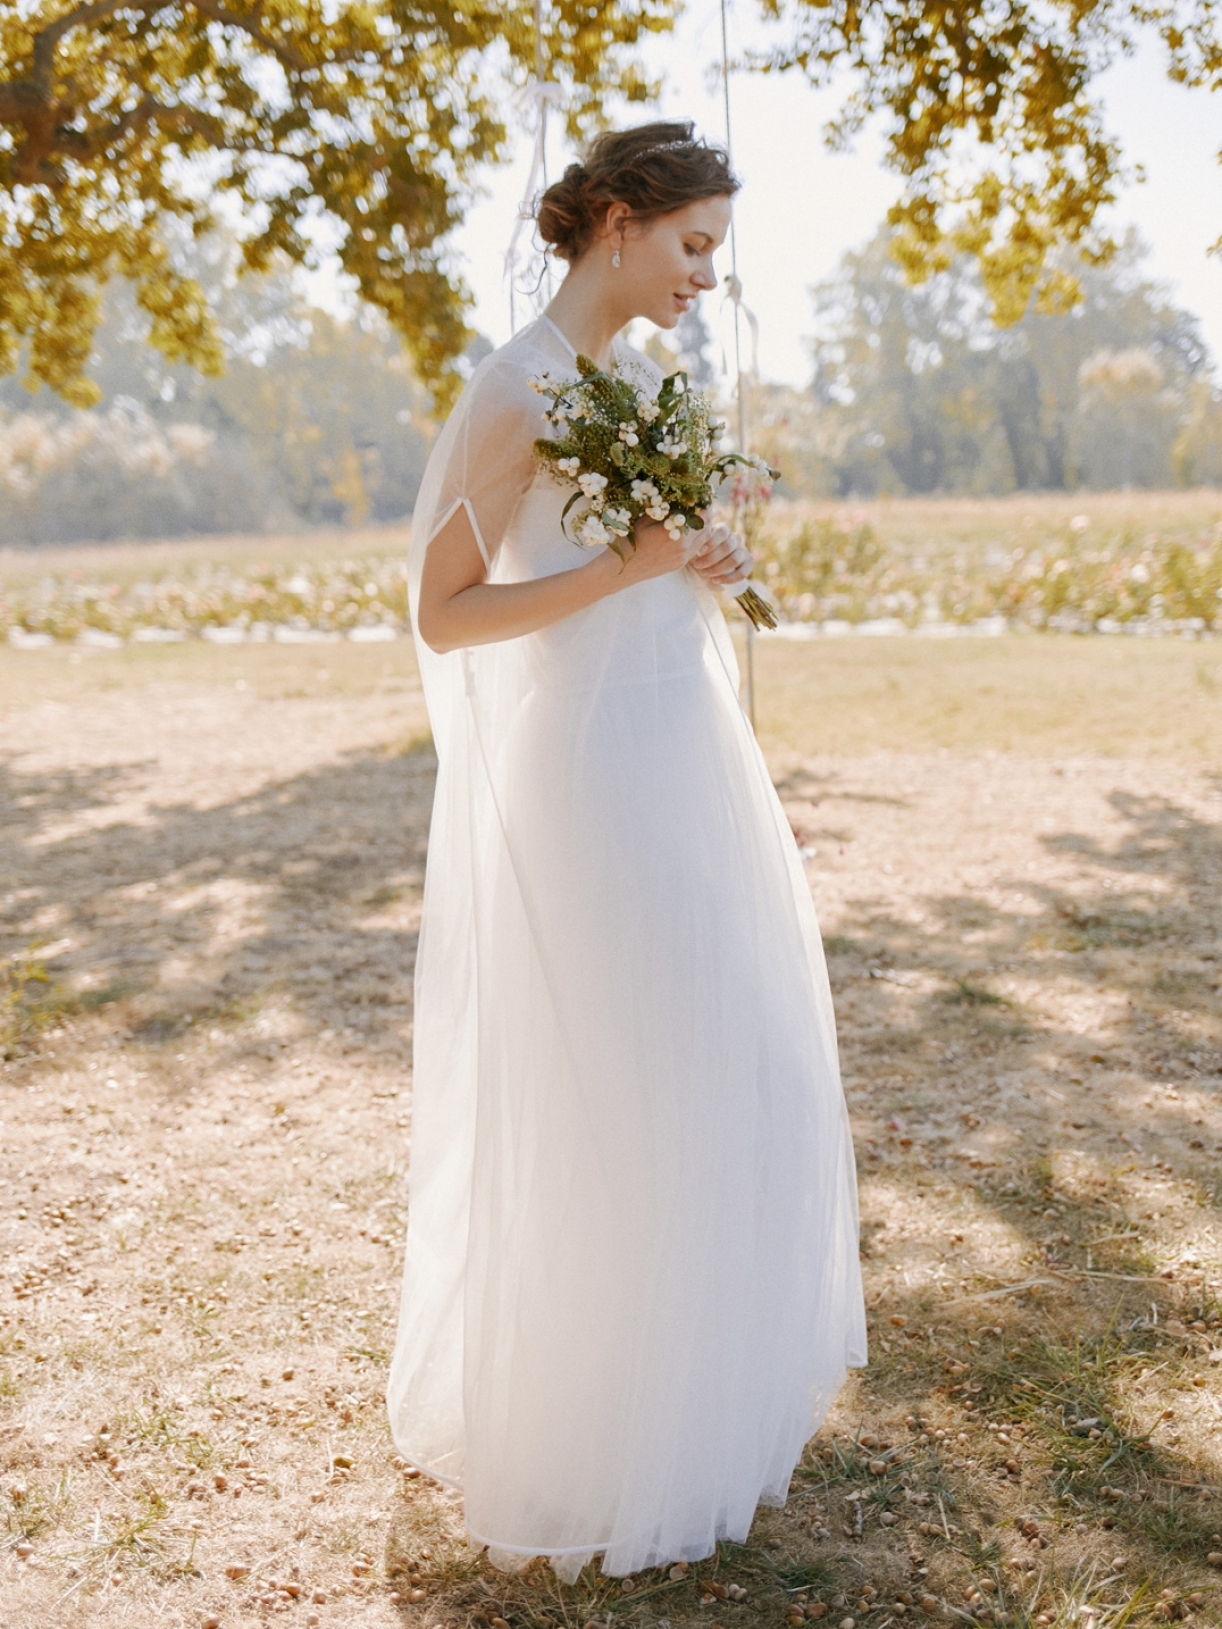 Cape voile de mariée créateur ecoresponsable - Myphilosophy PARIS